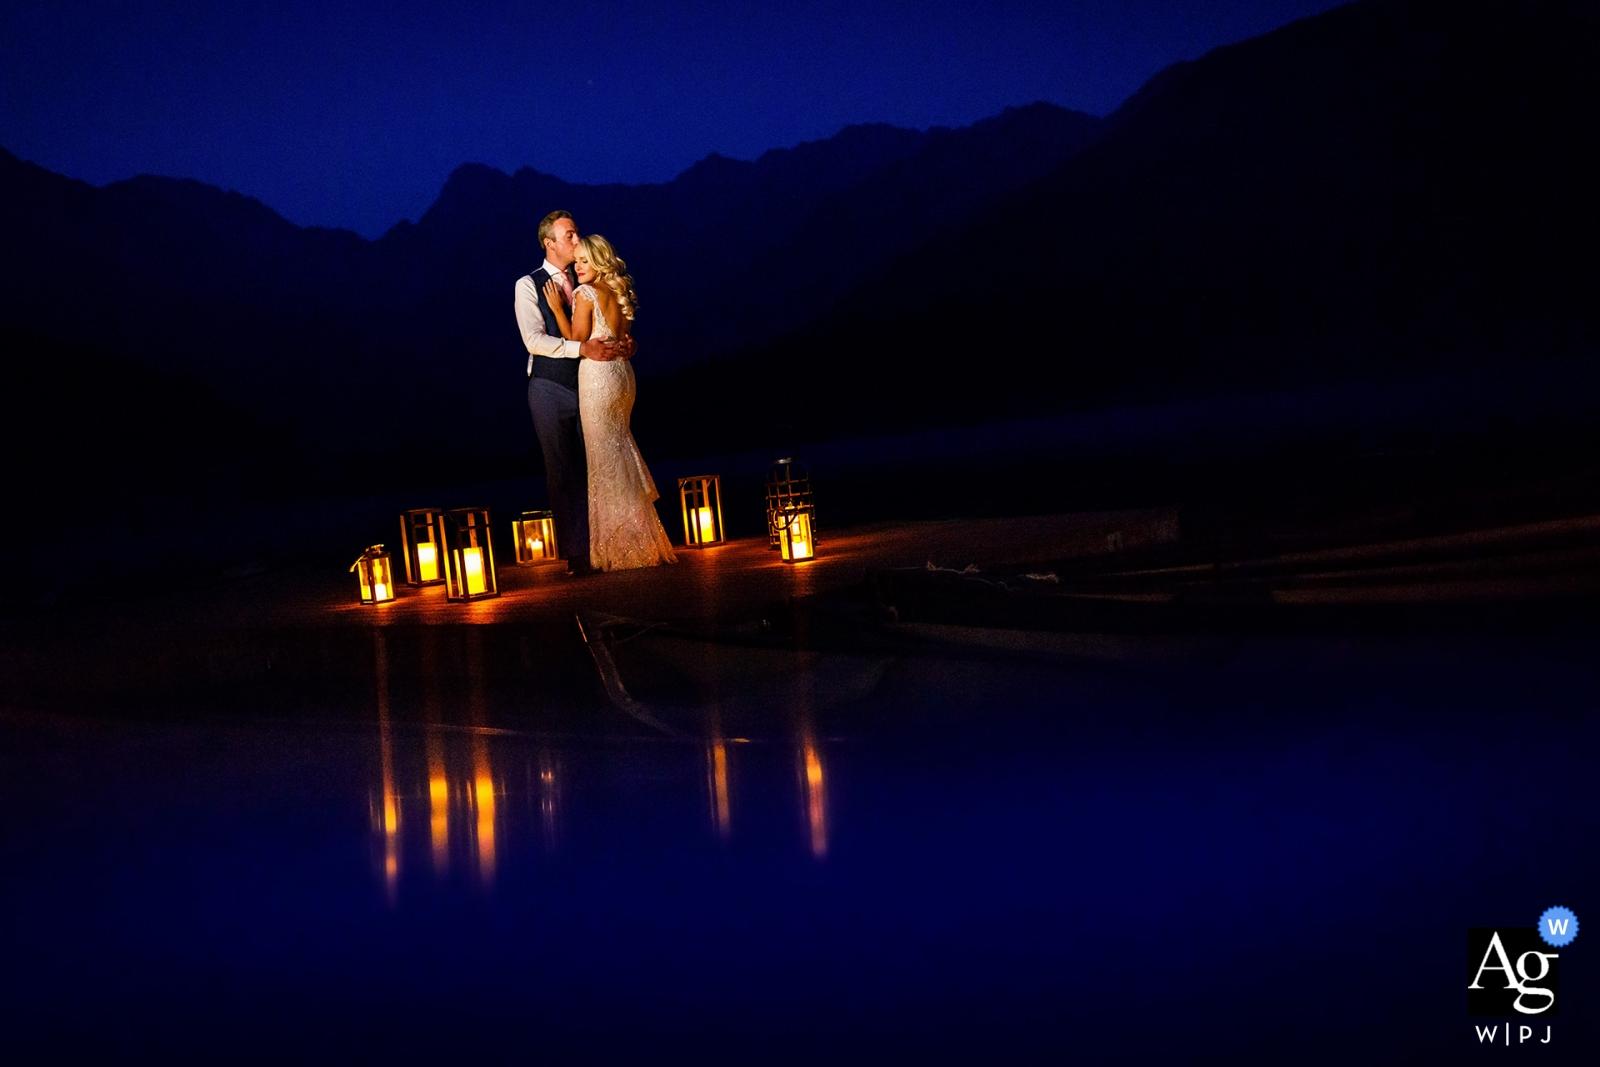 Kreative Hochzeitsportraitfotografie Colorados der Braut und des Bräutigams mit den Laternen reflektierte sich am Wasser / am See